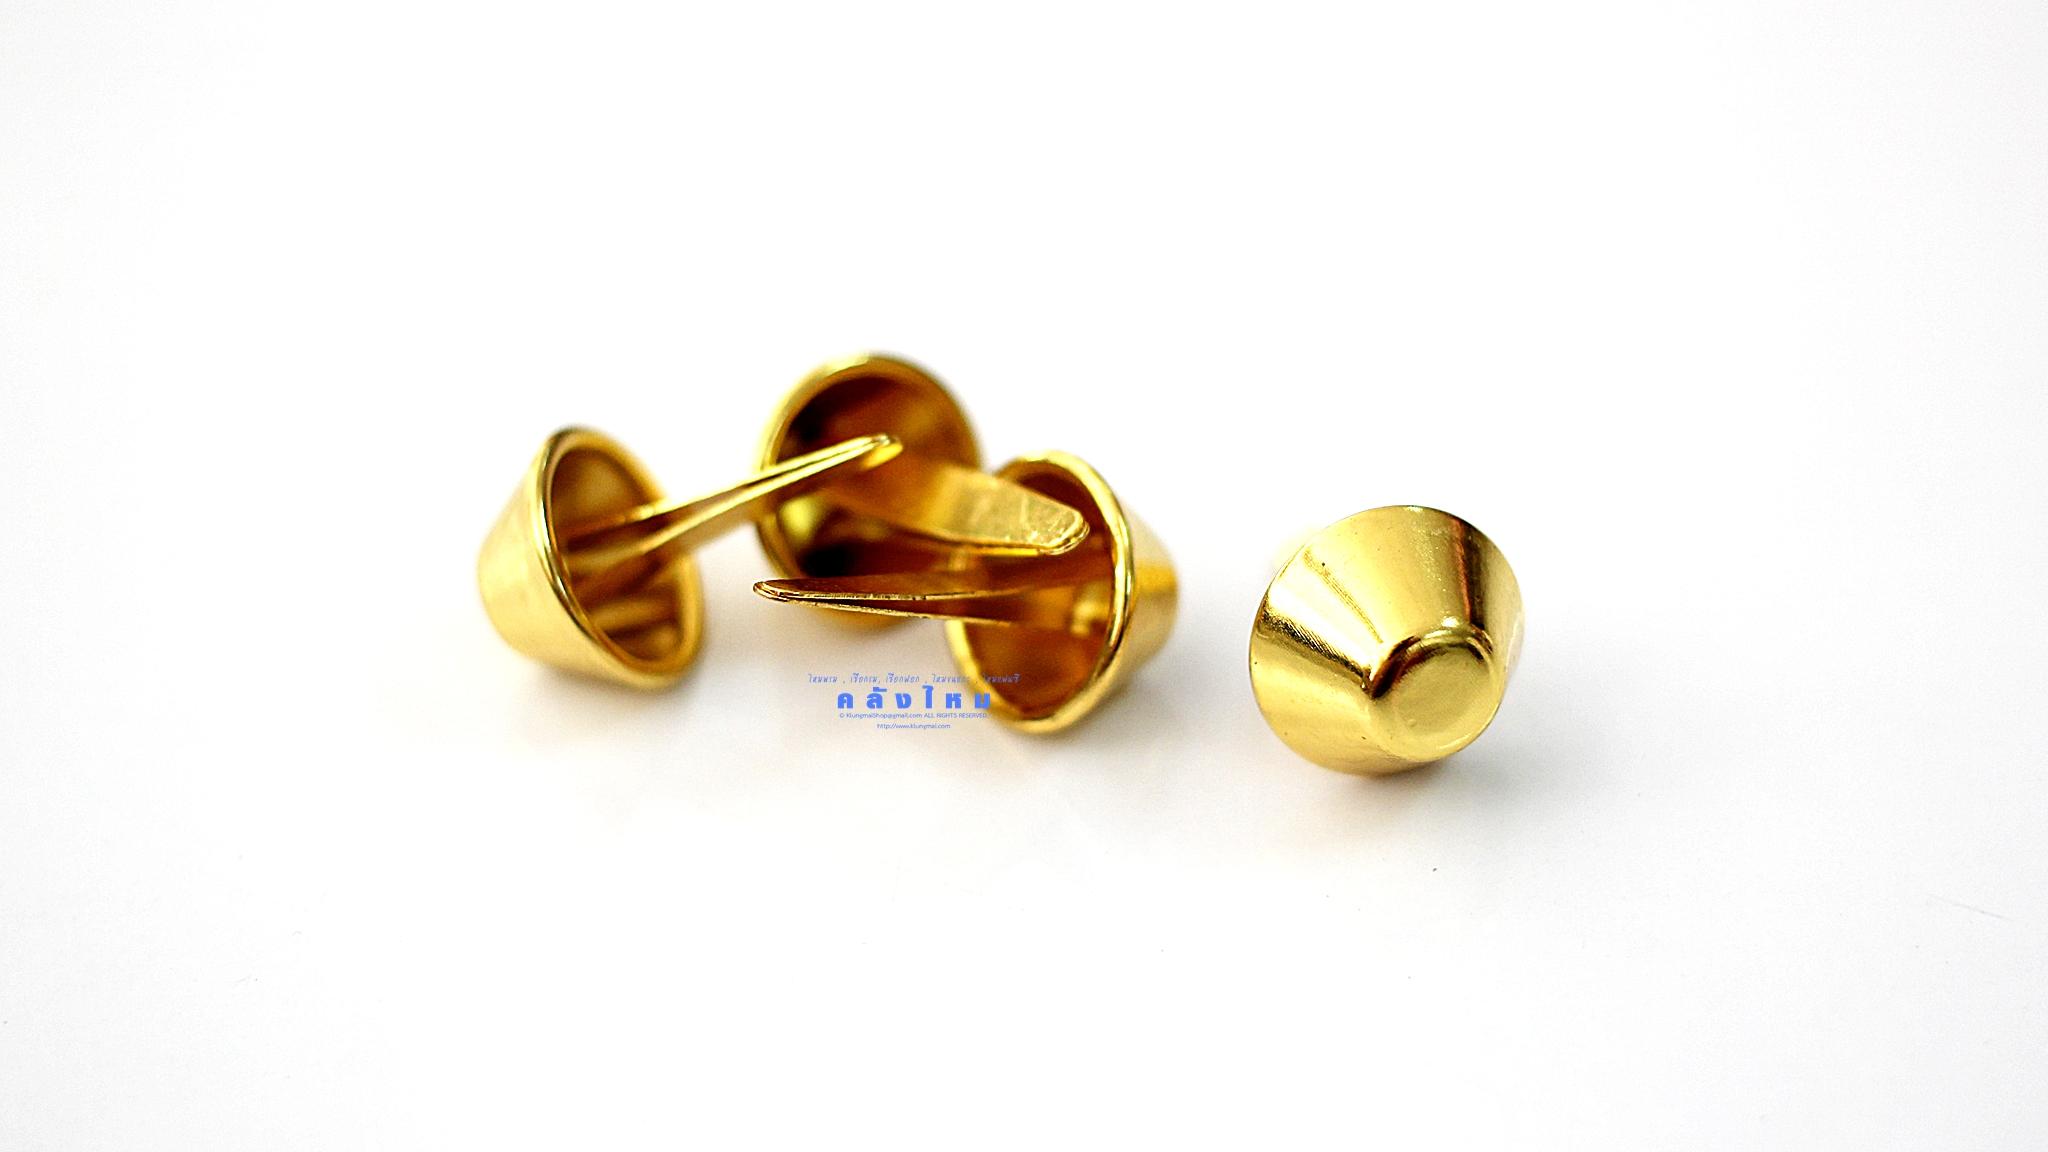 หมุดรองก้นกระเป๋า กรวยตัดใหญ่ สีทอง (แพ็คละ 4 ชิ้น)